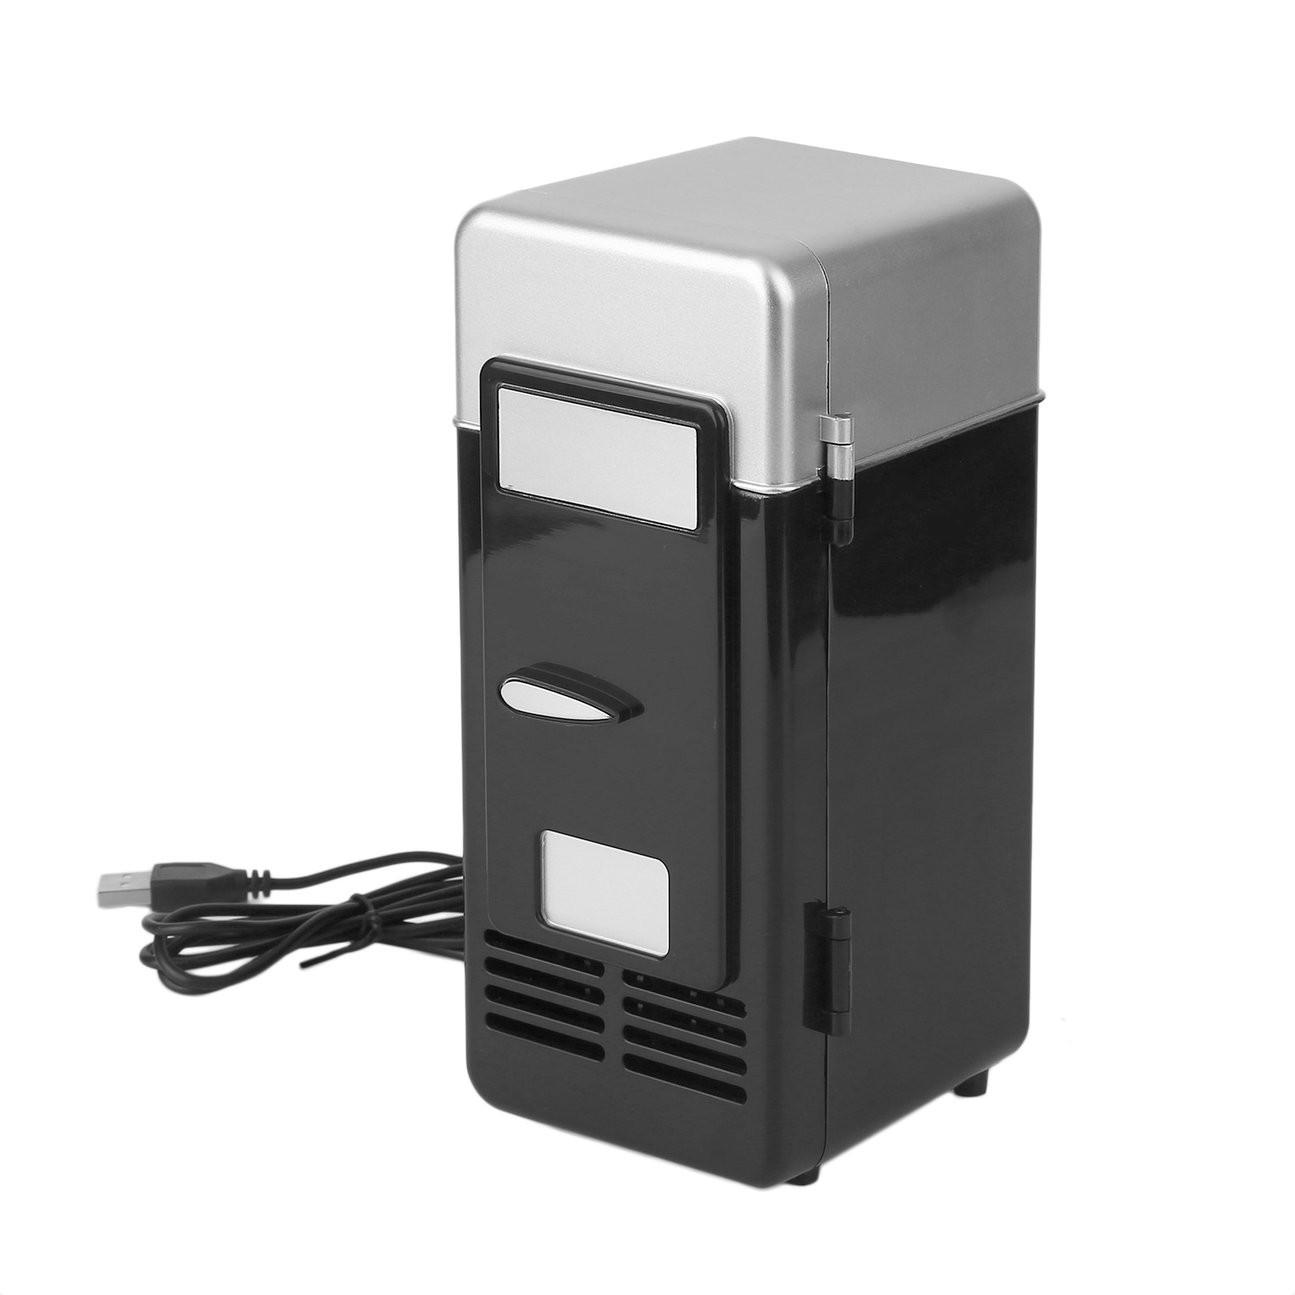 Tủ Lạnh Mini Sạc Usb Mới Cho Xe Hơi / Tàu Thuyền